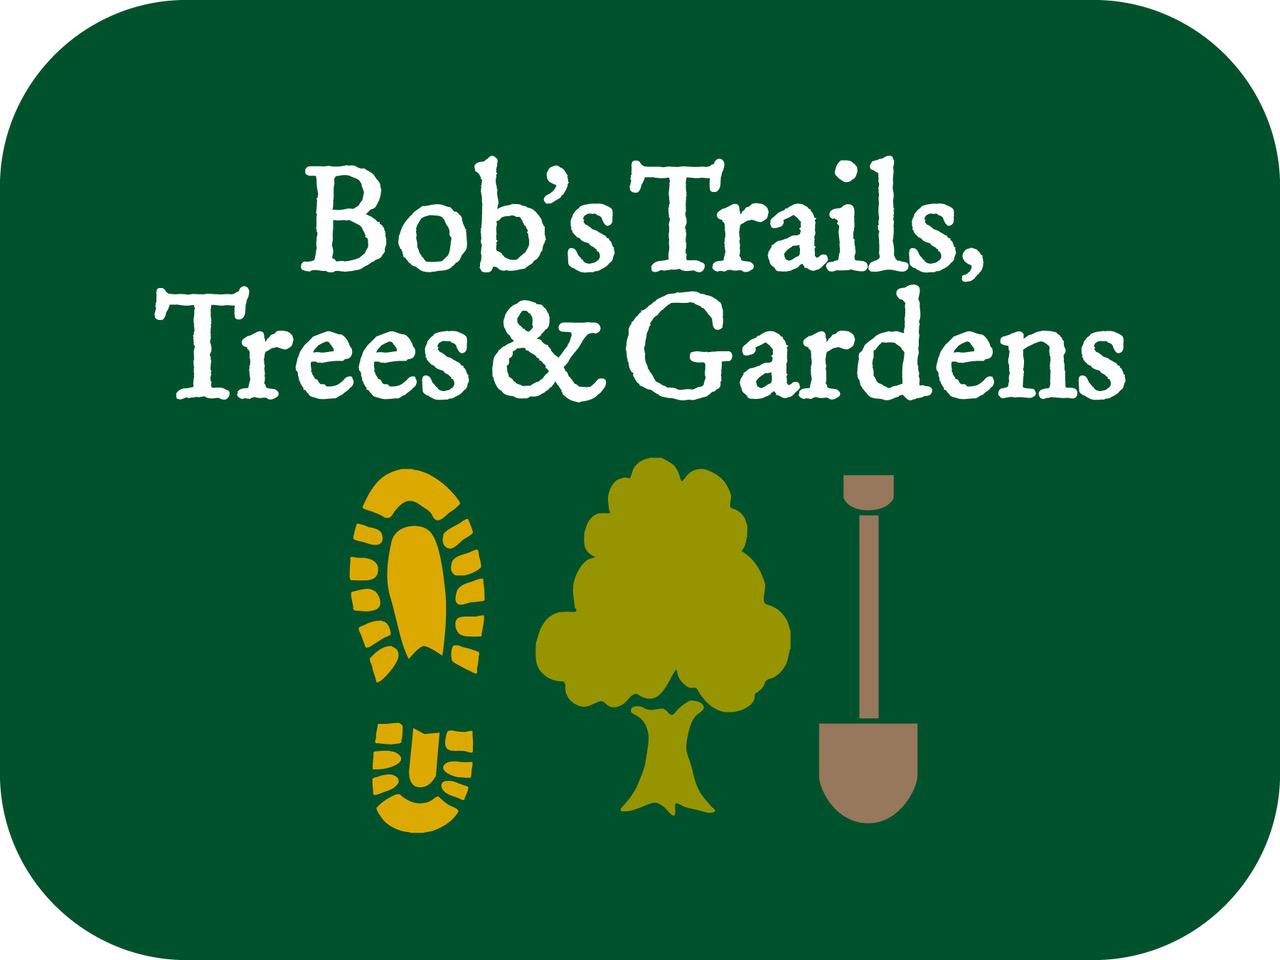 BobsTrails_Trees_GardensLogo_ReverseonGreen.jpeg.jpg